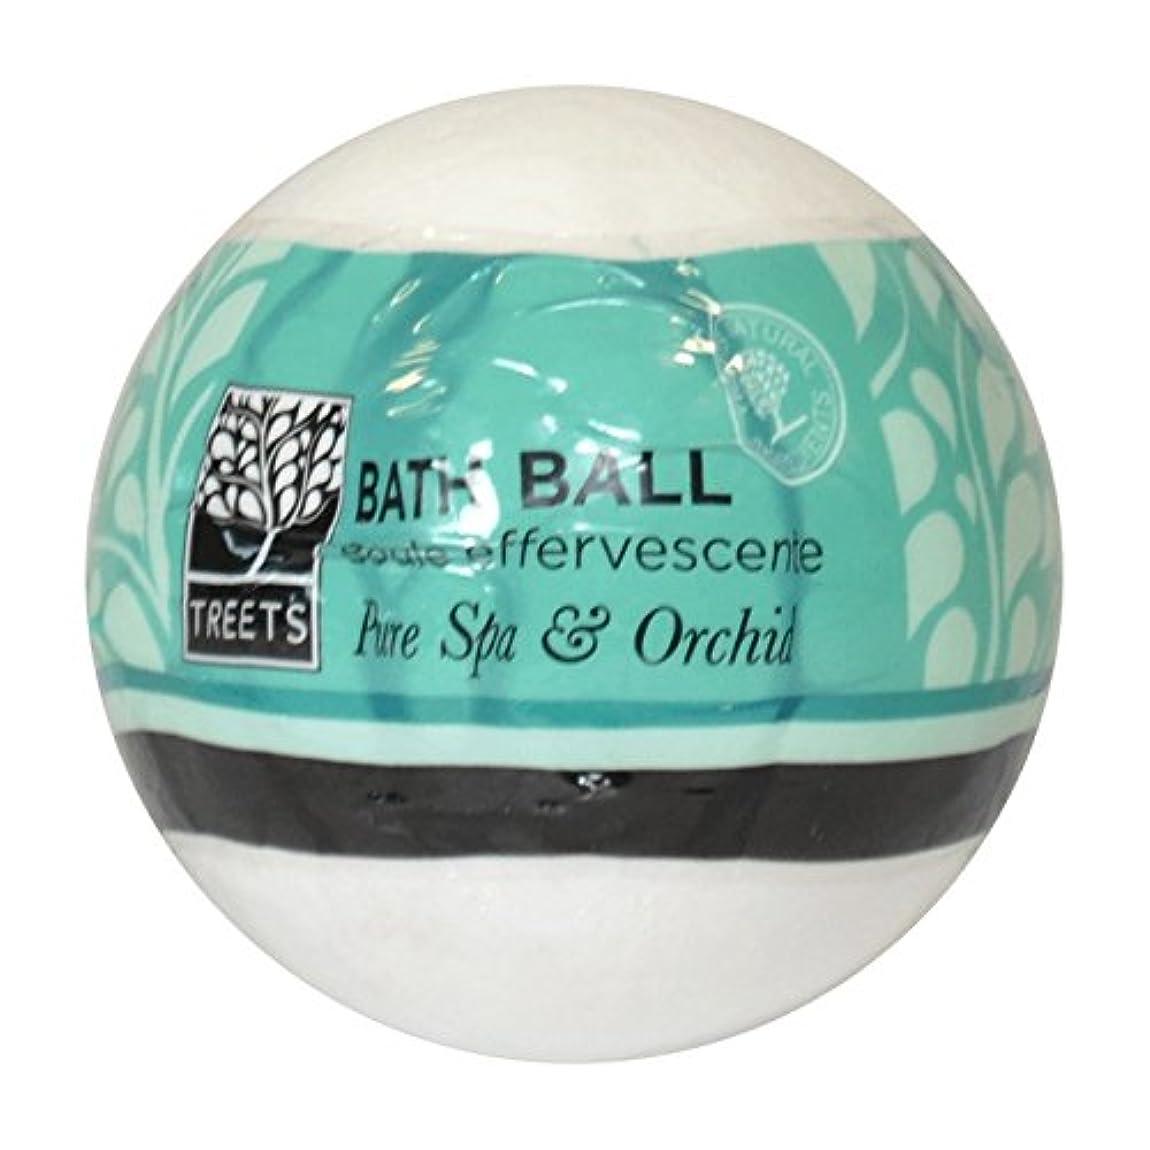 後ろ、背後、背面(部ペネロペシャーロットブロンテTreets Orchid & Pure Spa Bath Ball (Pack of 6) - Treets蘭&純粋なスパバスボール (x6) [並行輸入品]